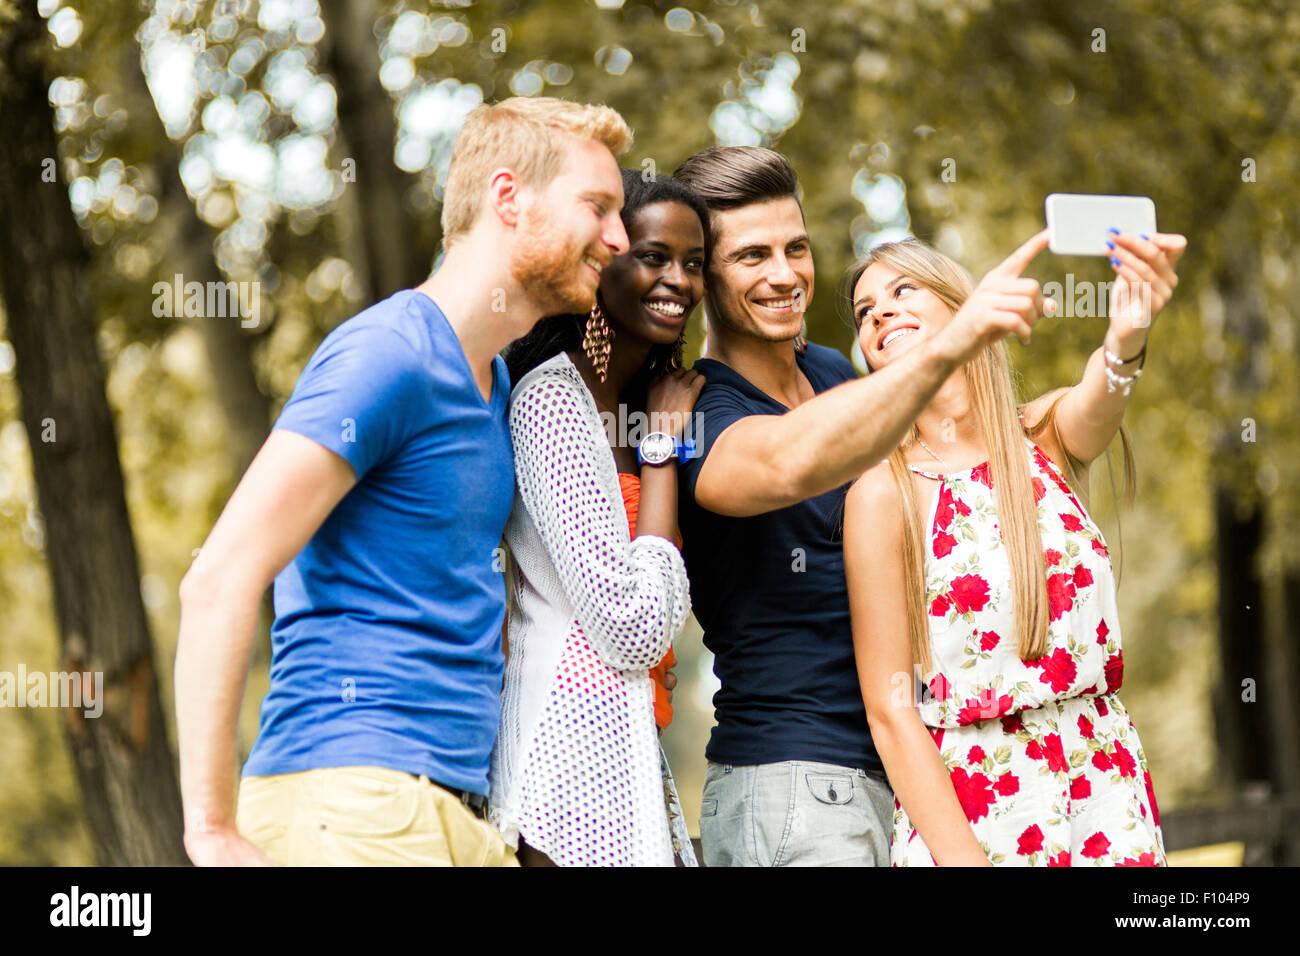 Grupo de jóvenes y parejas teniendo selfies en naturaleza y sonriente Imagen De Stock